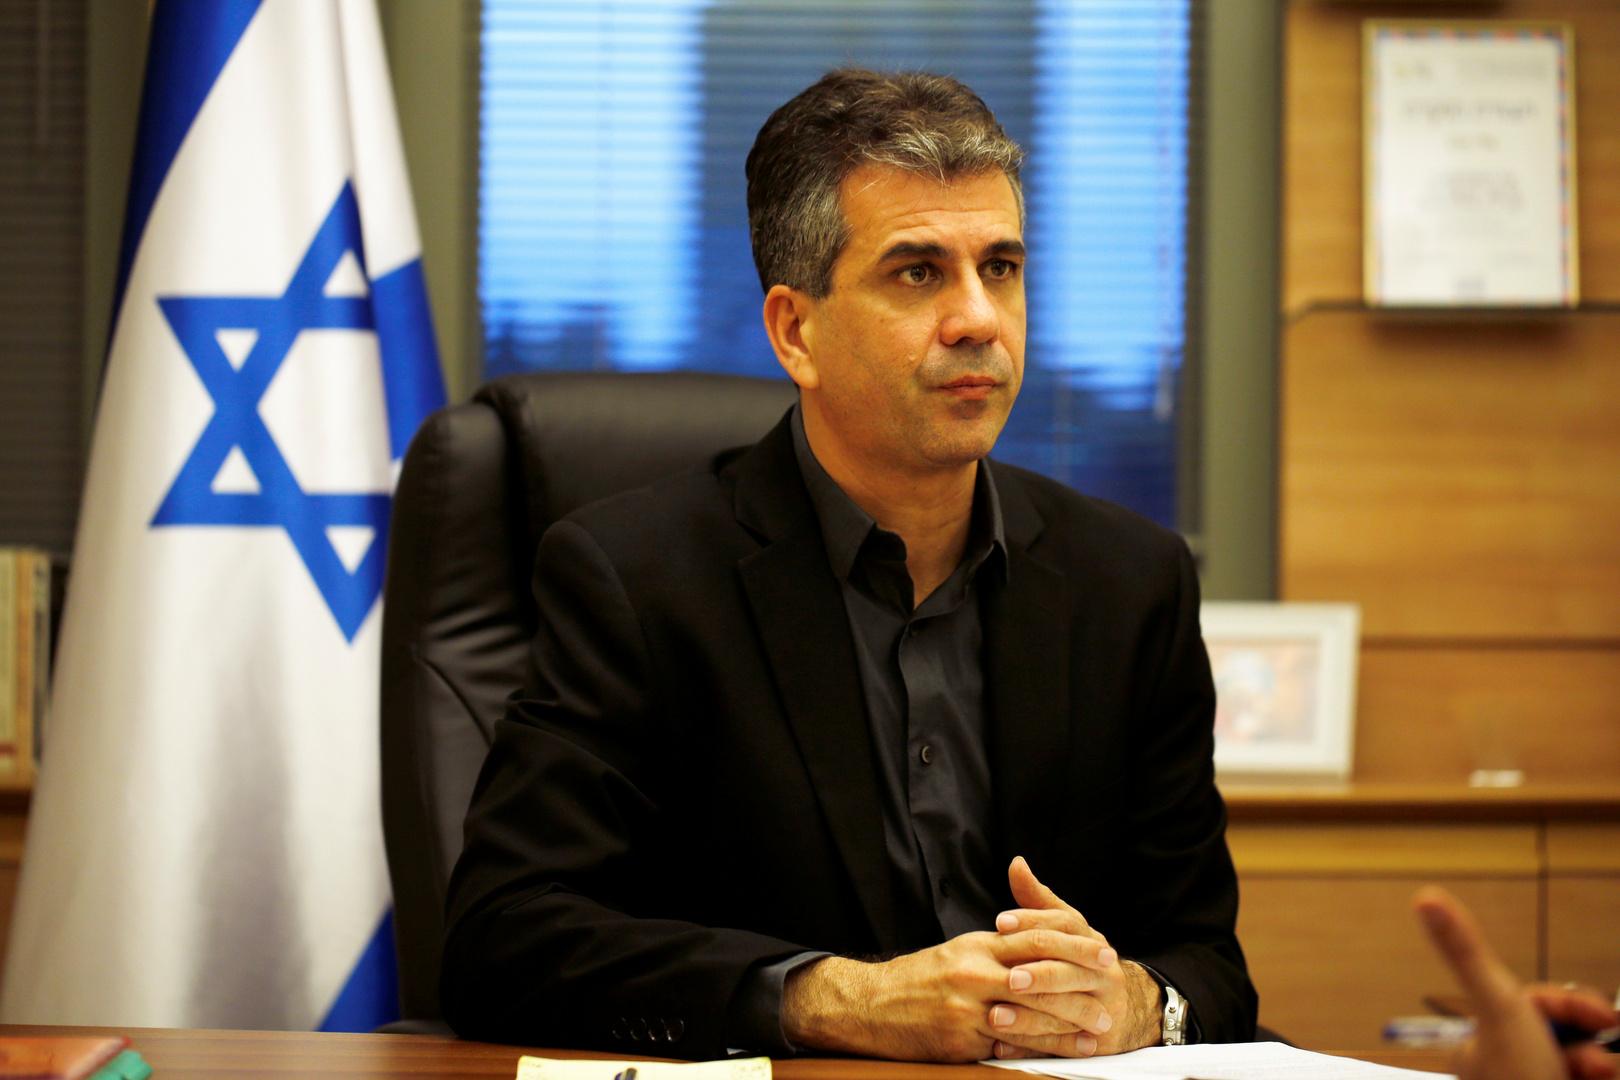 وزير إسرائيلي: المصالحة الخليجية قد تمهد لتطوير علاقاتنا مع قطر